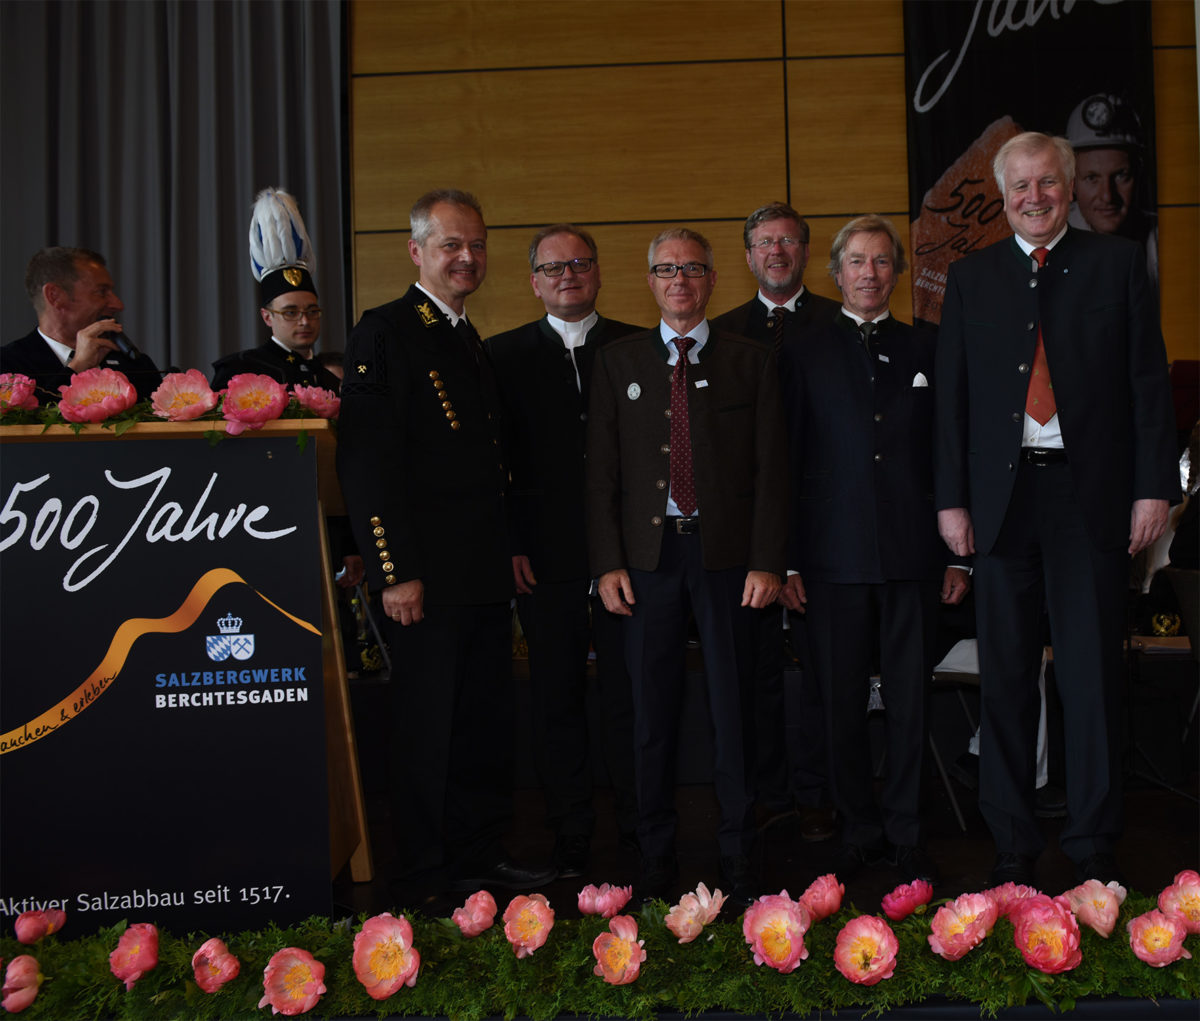 Gruppenbild auf der Bühne anlässlich 500 Jahre Salzbergwerk Berchtesgaden